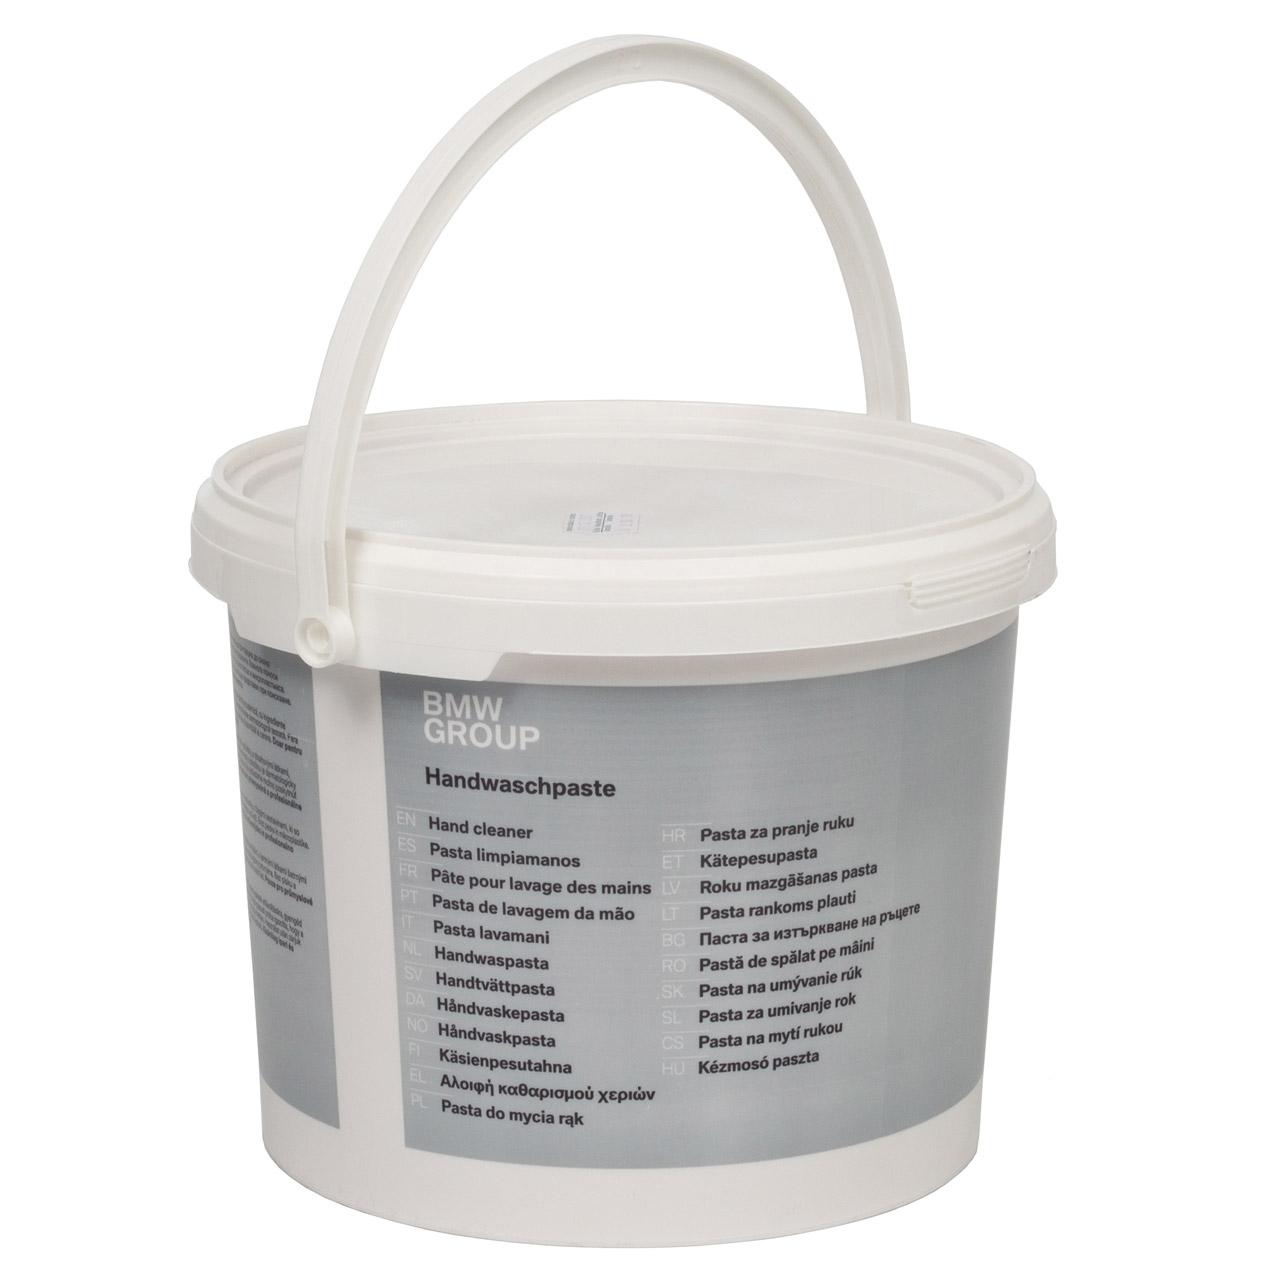 ORIGINAL BMW Handwaschpaste Handseife Handreiniger Seife 5 Liter 83195A04C59